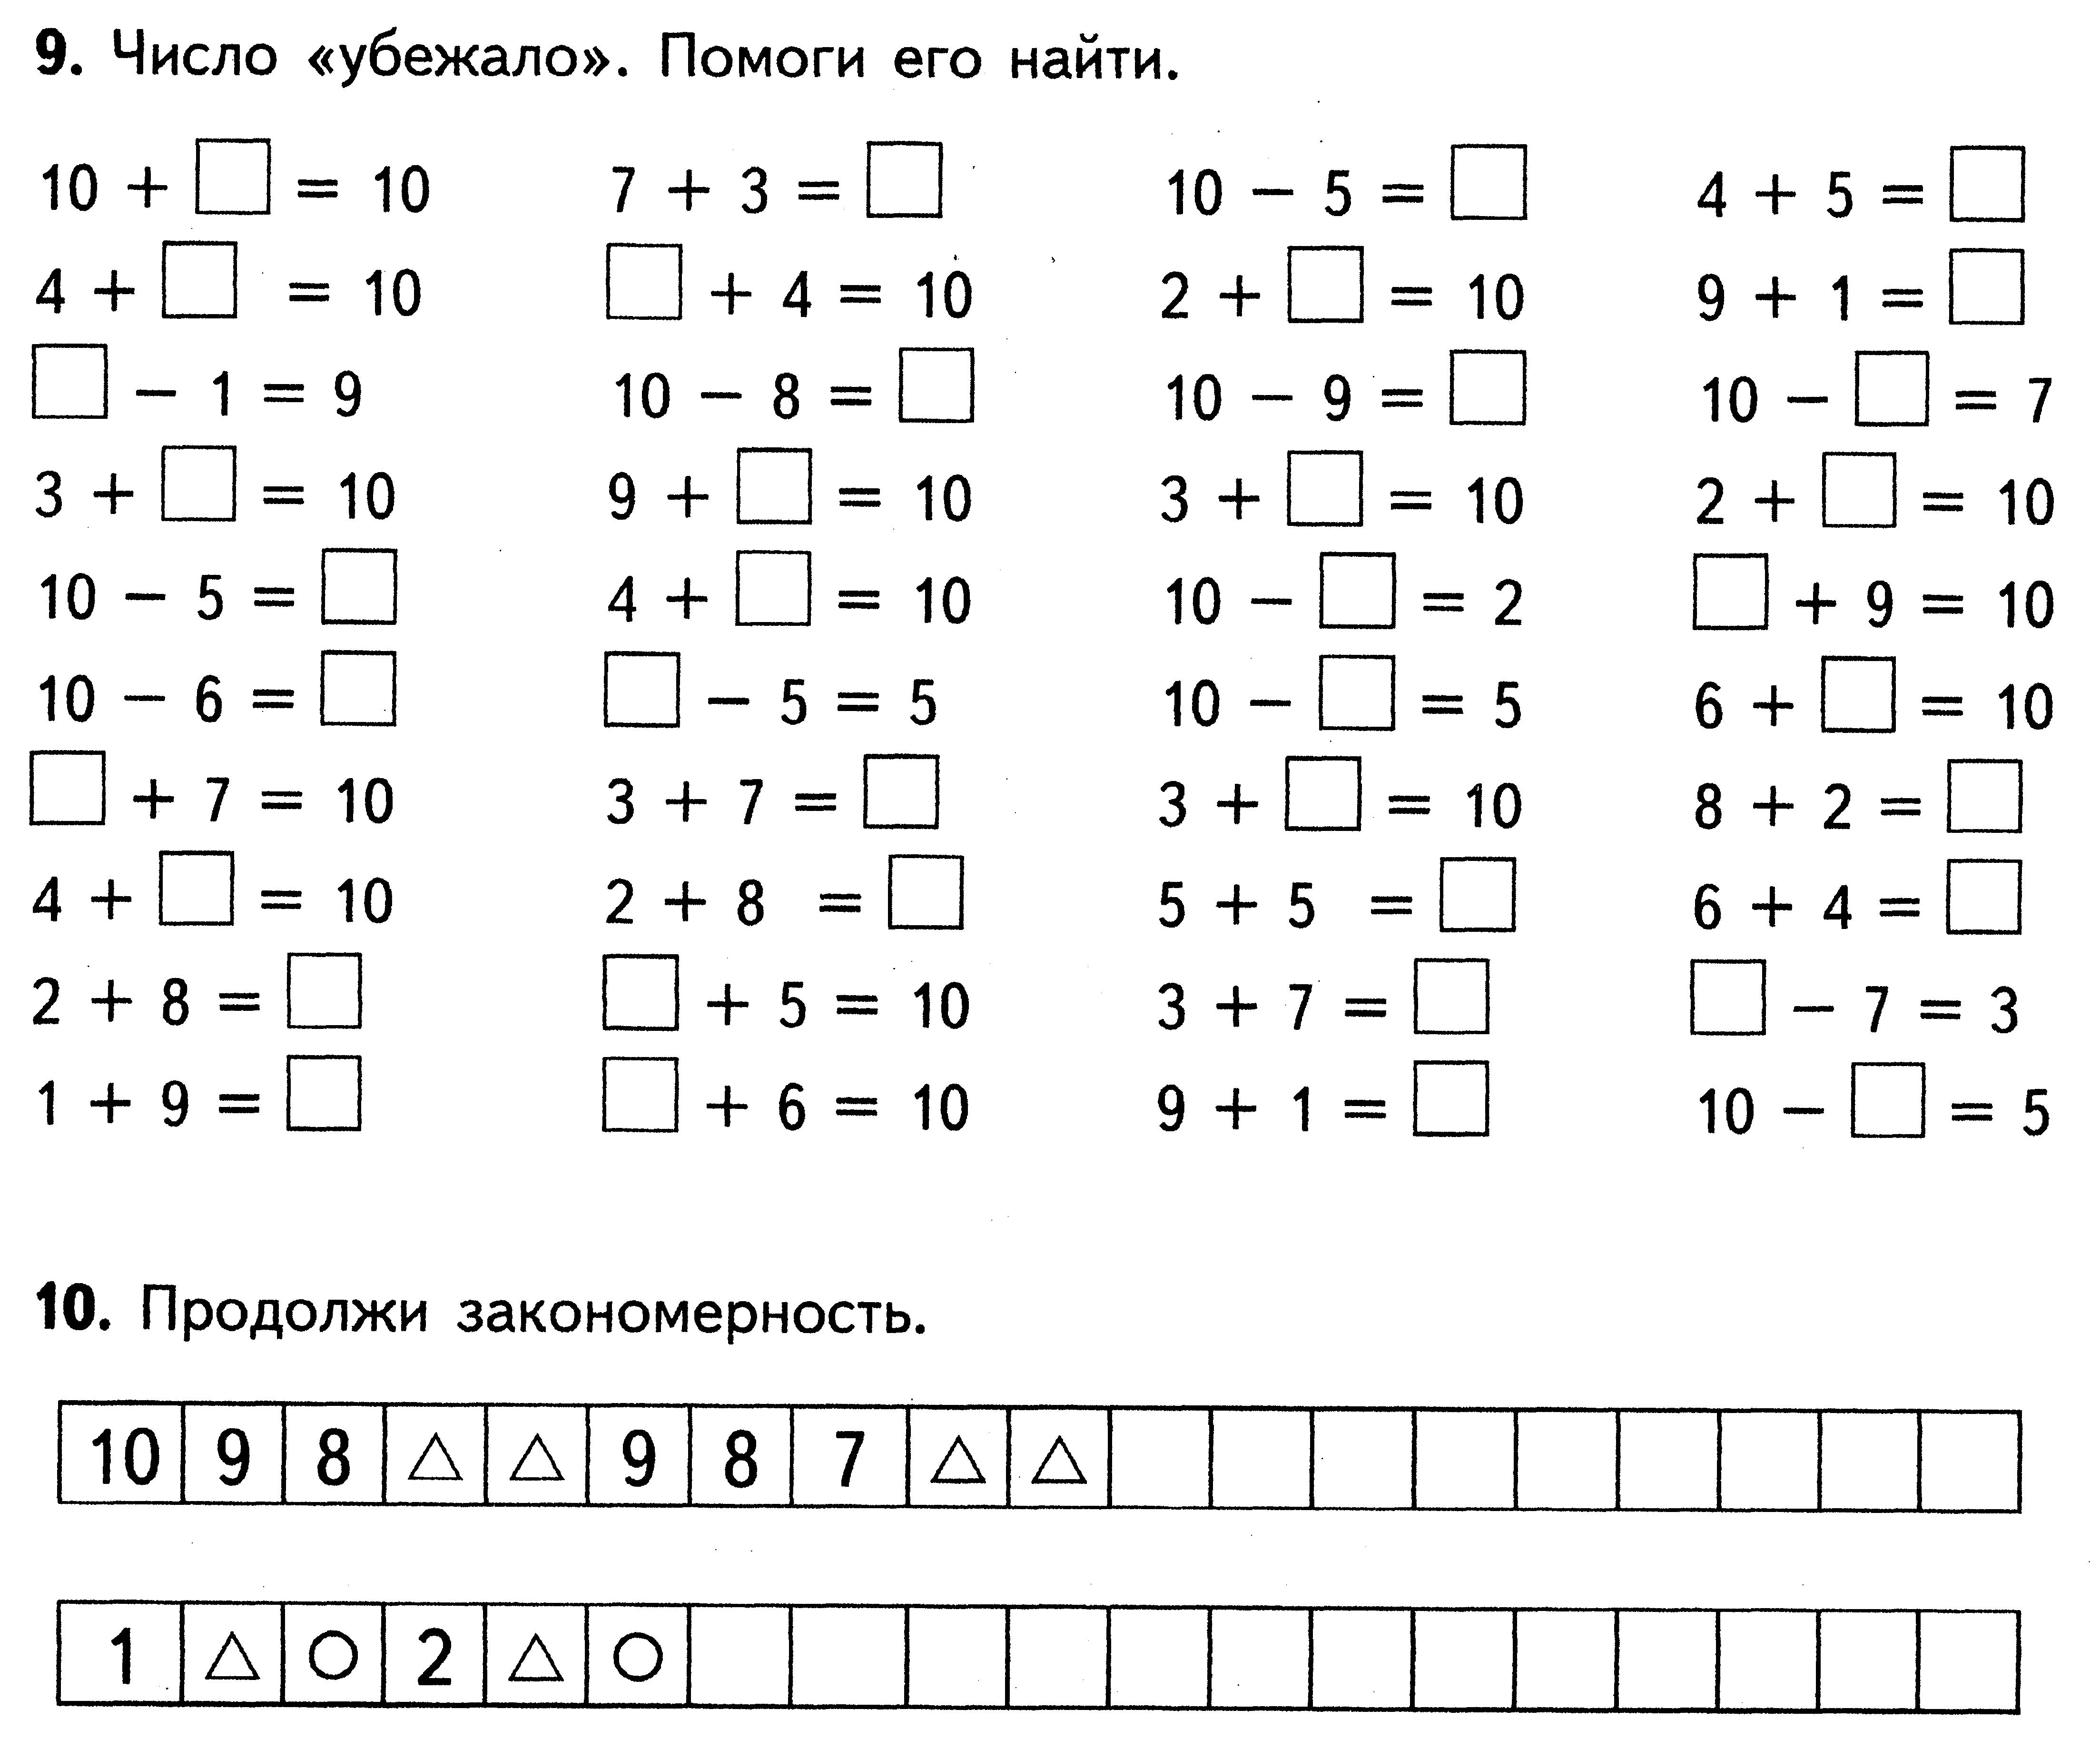 число сбежало примеры 1 класс распечатать